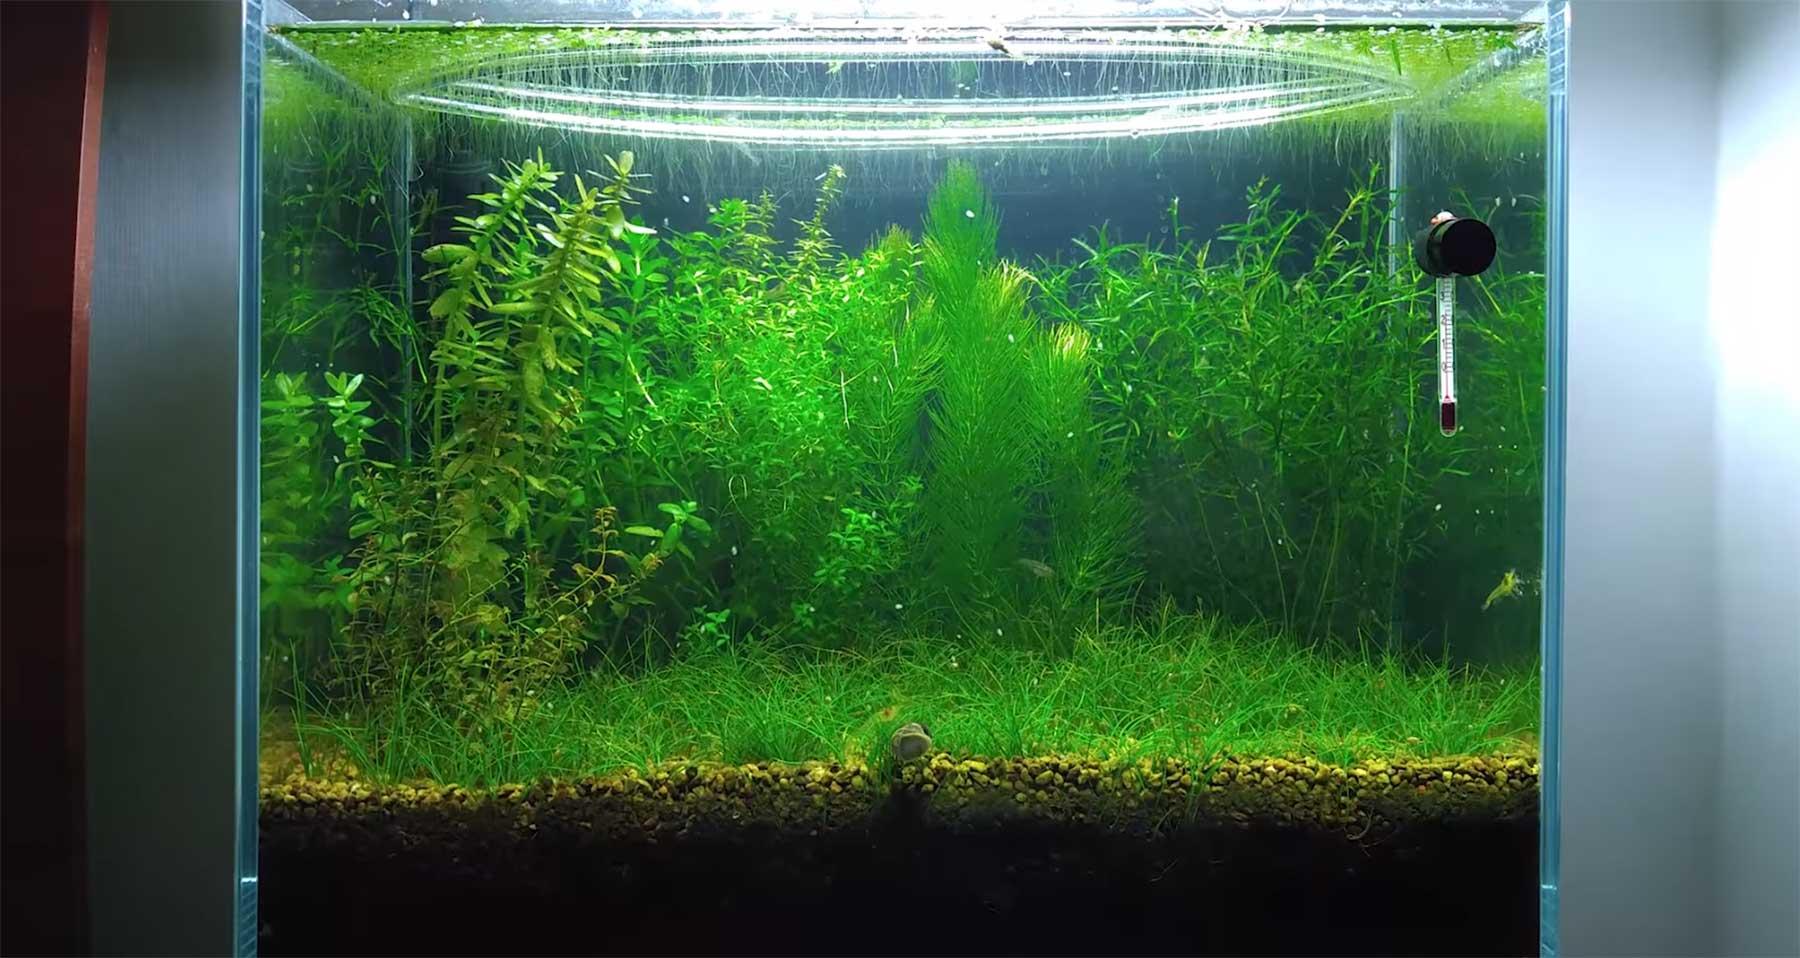 Aquarium sechs Monate ohne Pumpe und Filter stehen lassen